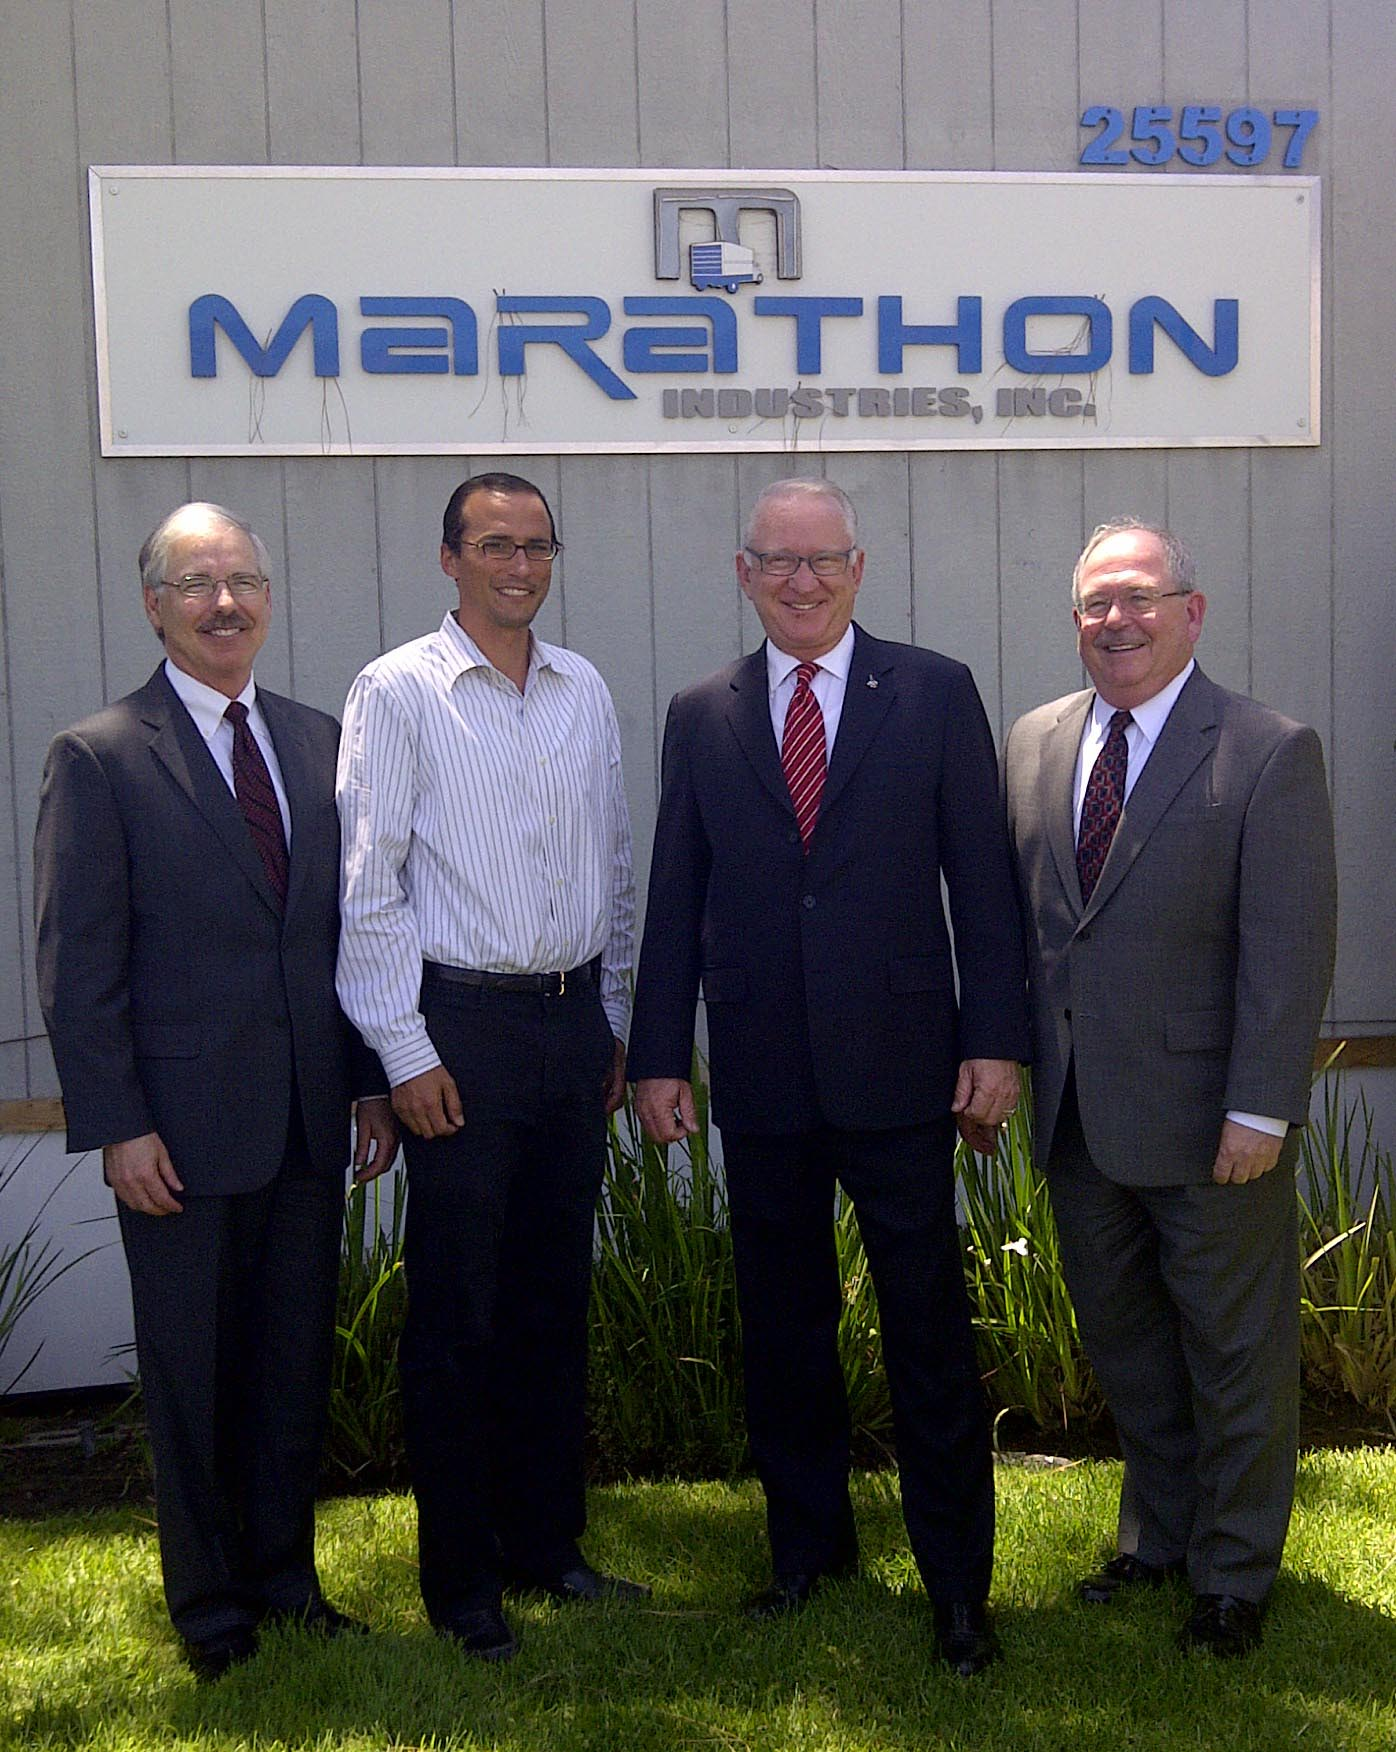 Congressman McKeon Marathon Industries newspage cropped